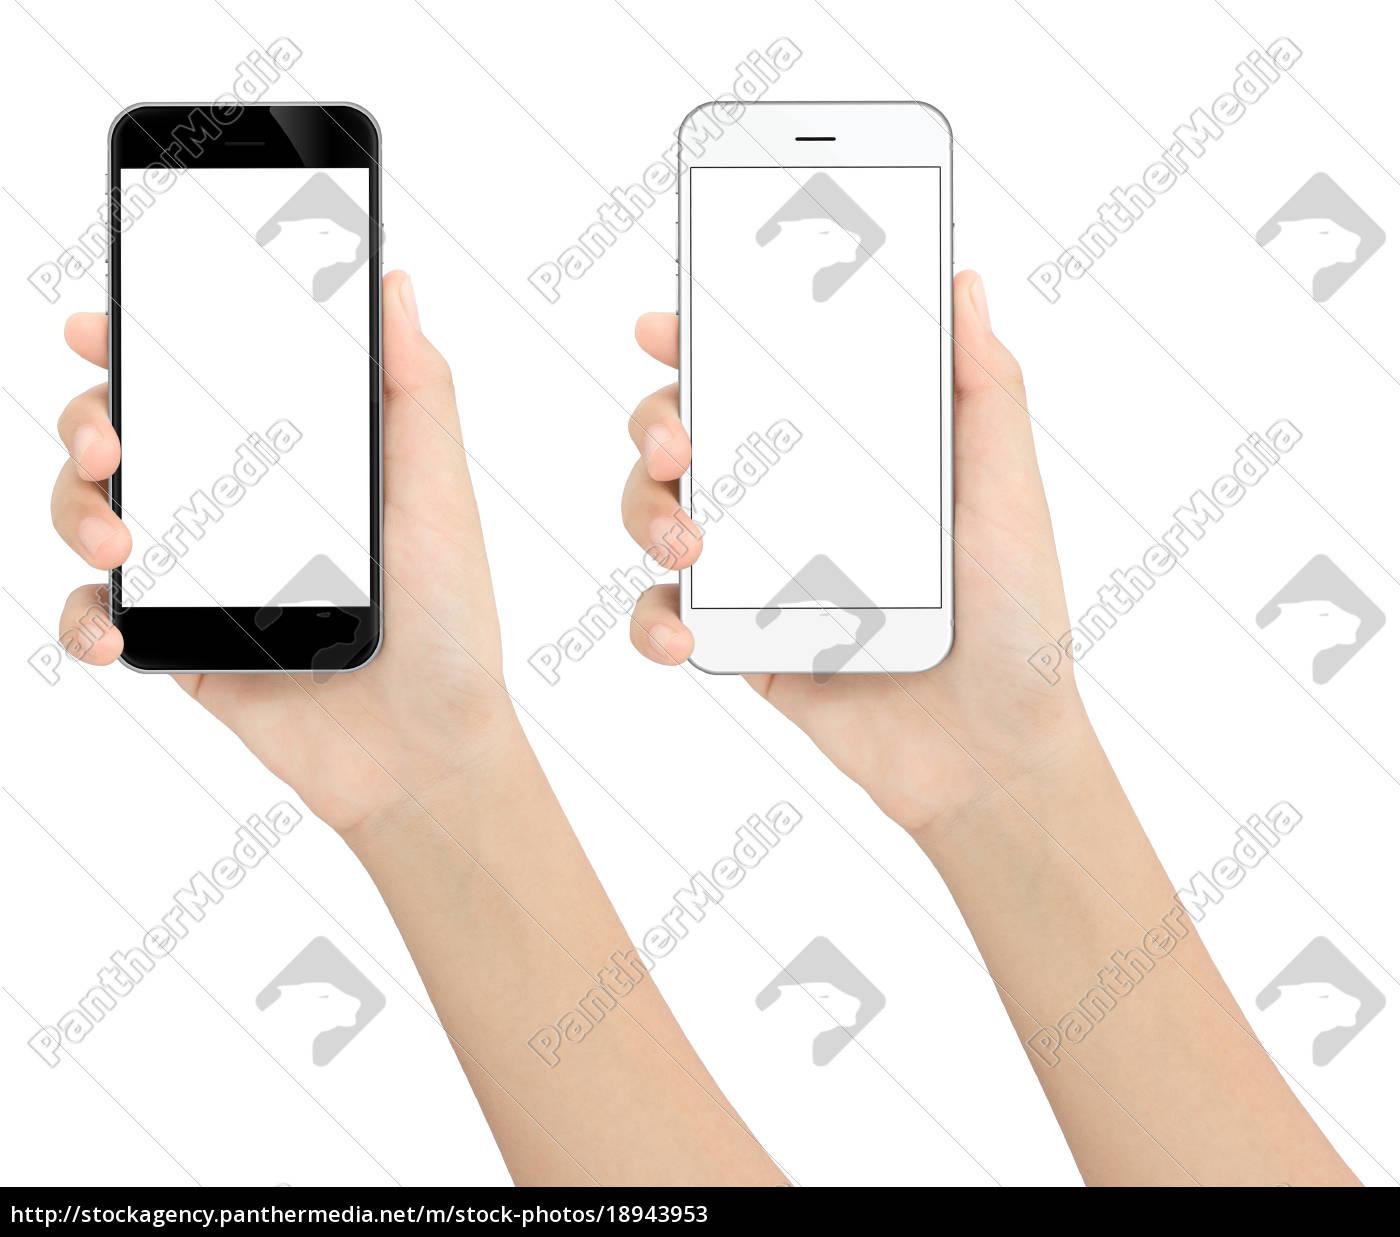 czarny, i, biały, telefon, na, białym - 18943953